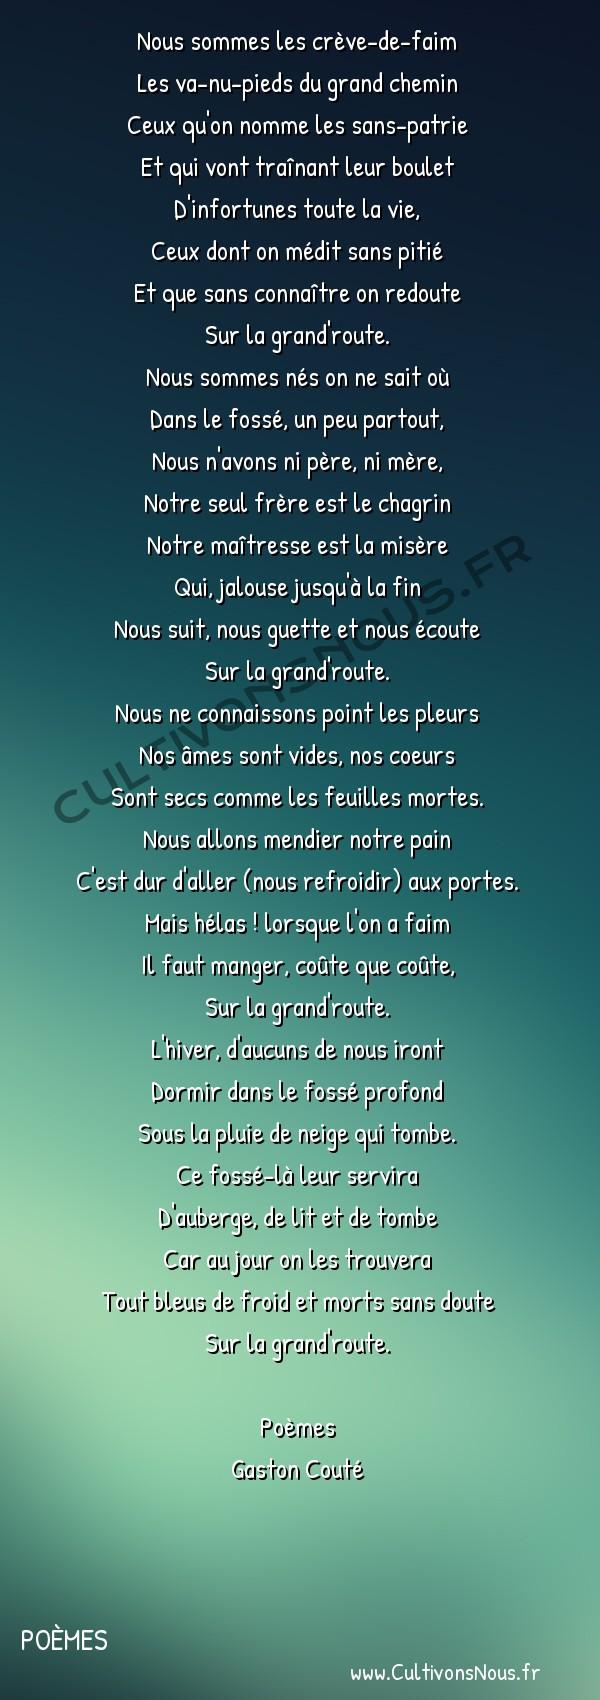 Poésie Gaston Couté - Poèmes - Sur la grand'route -  Nous sommes les crève-de-faim Les va-nu-pieds du grand chemin